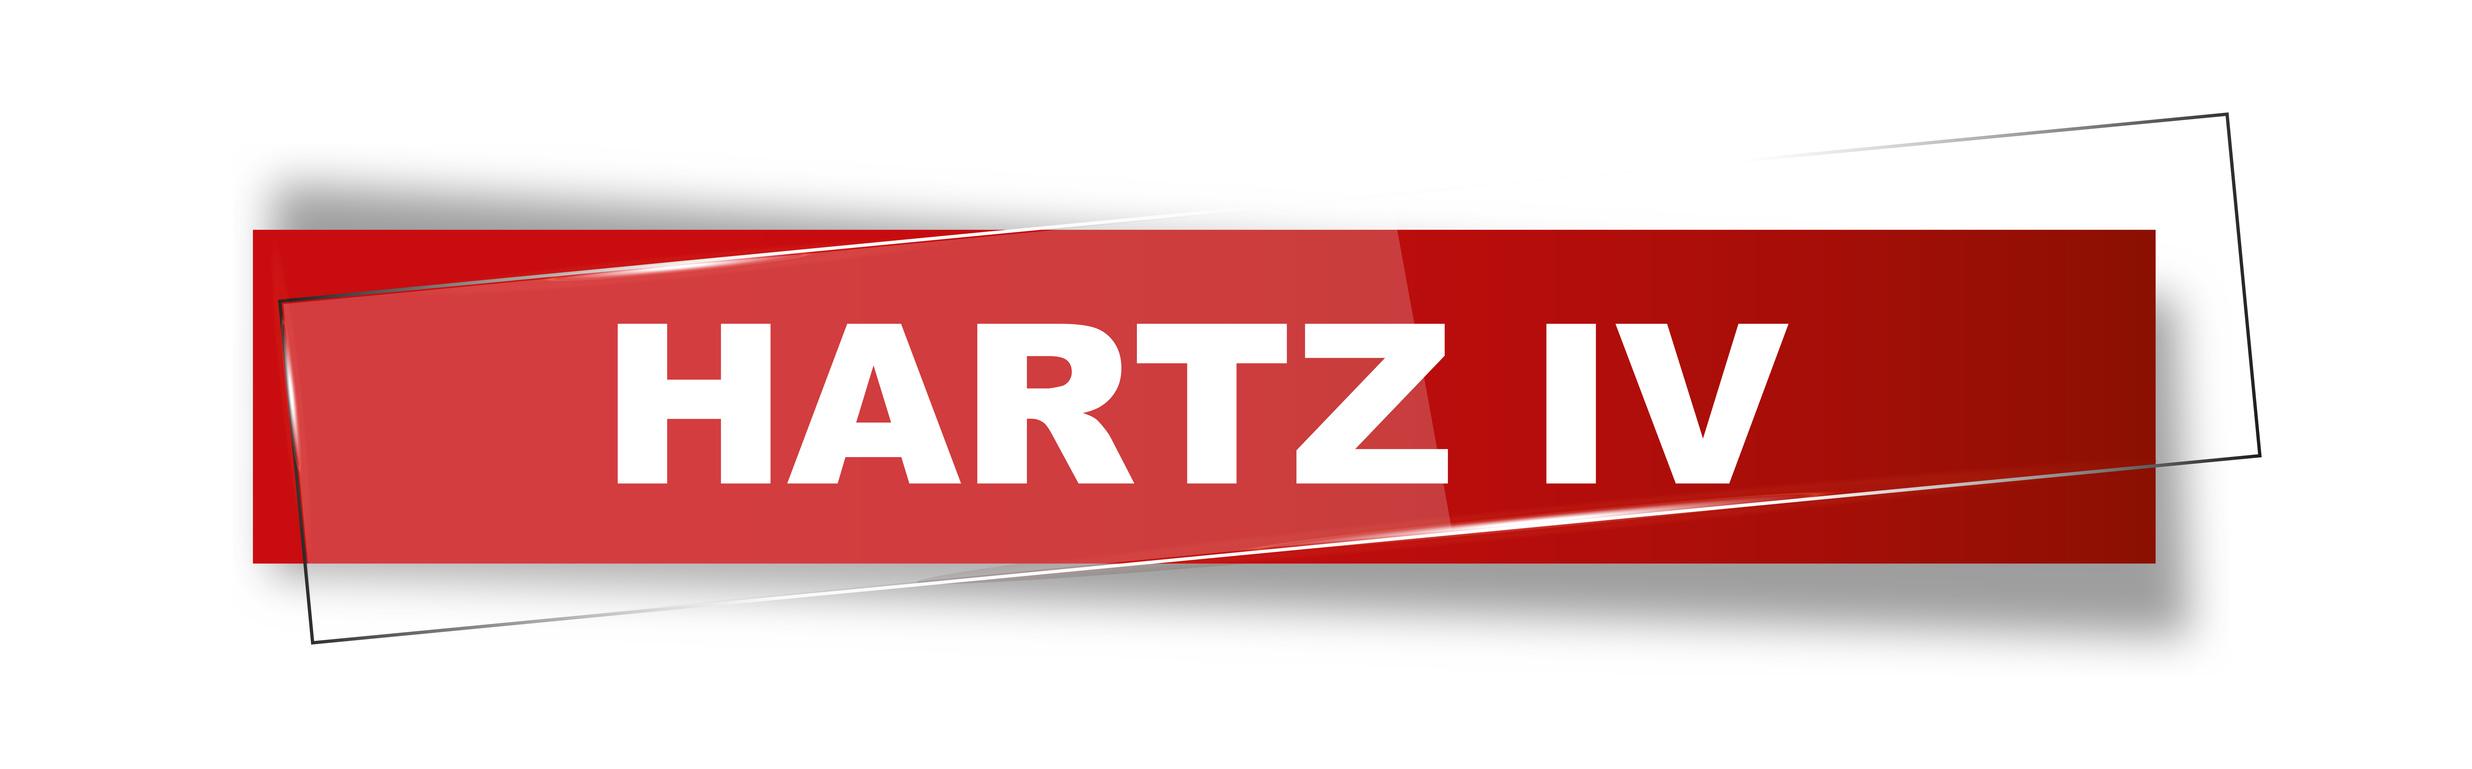 Hartz 4 Hilft Hartz 4